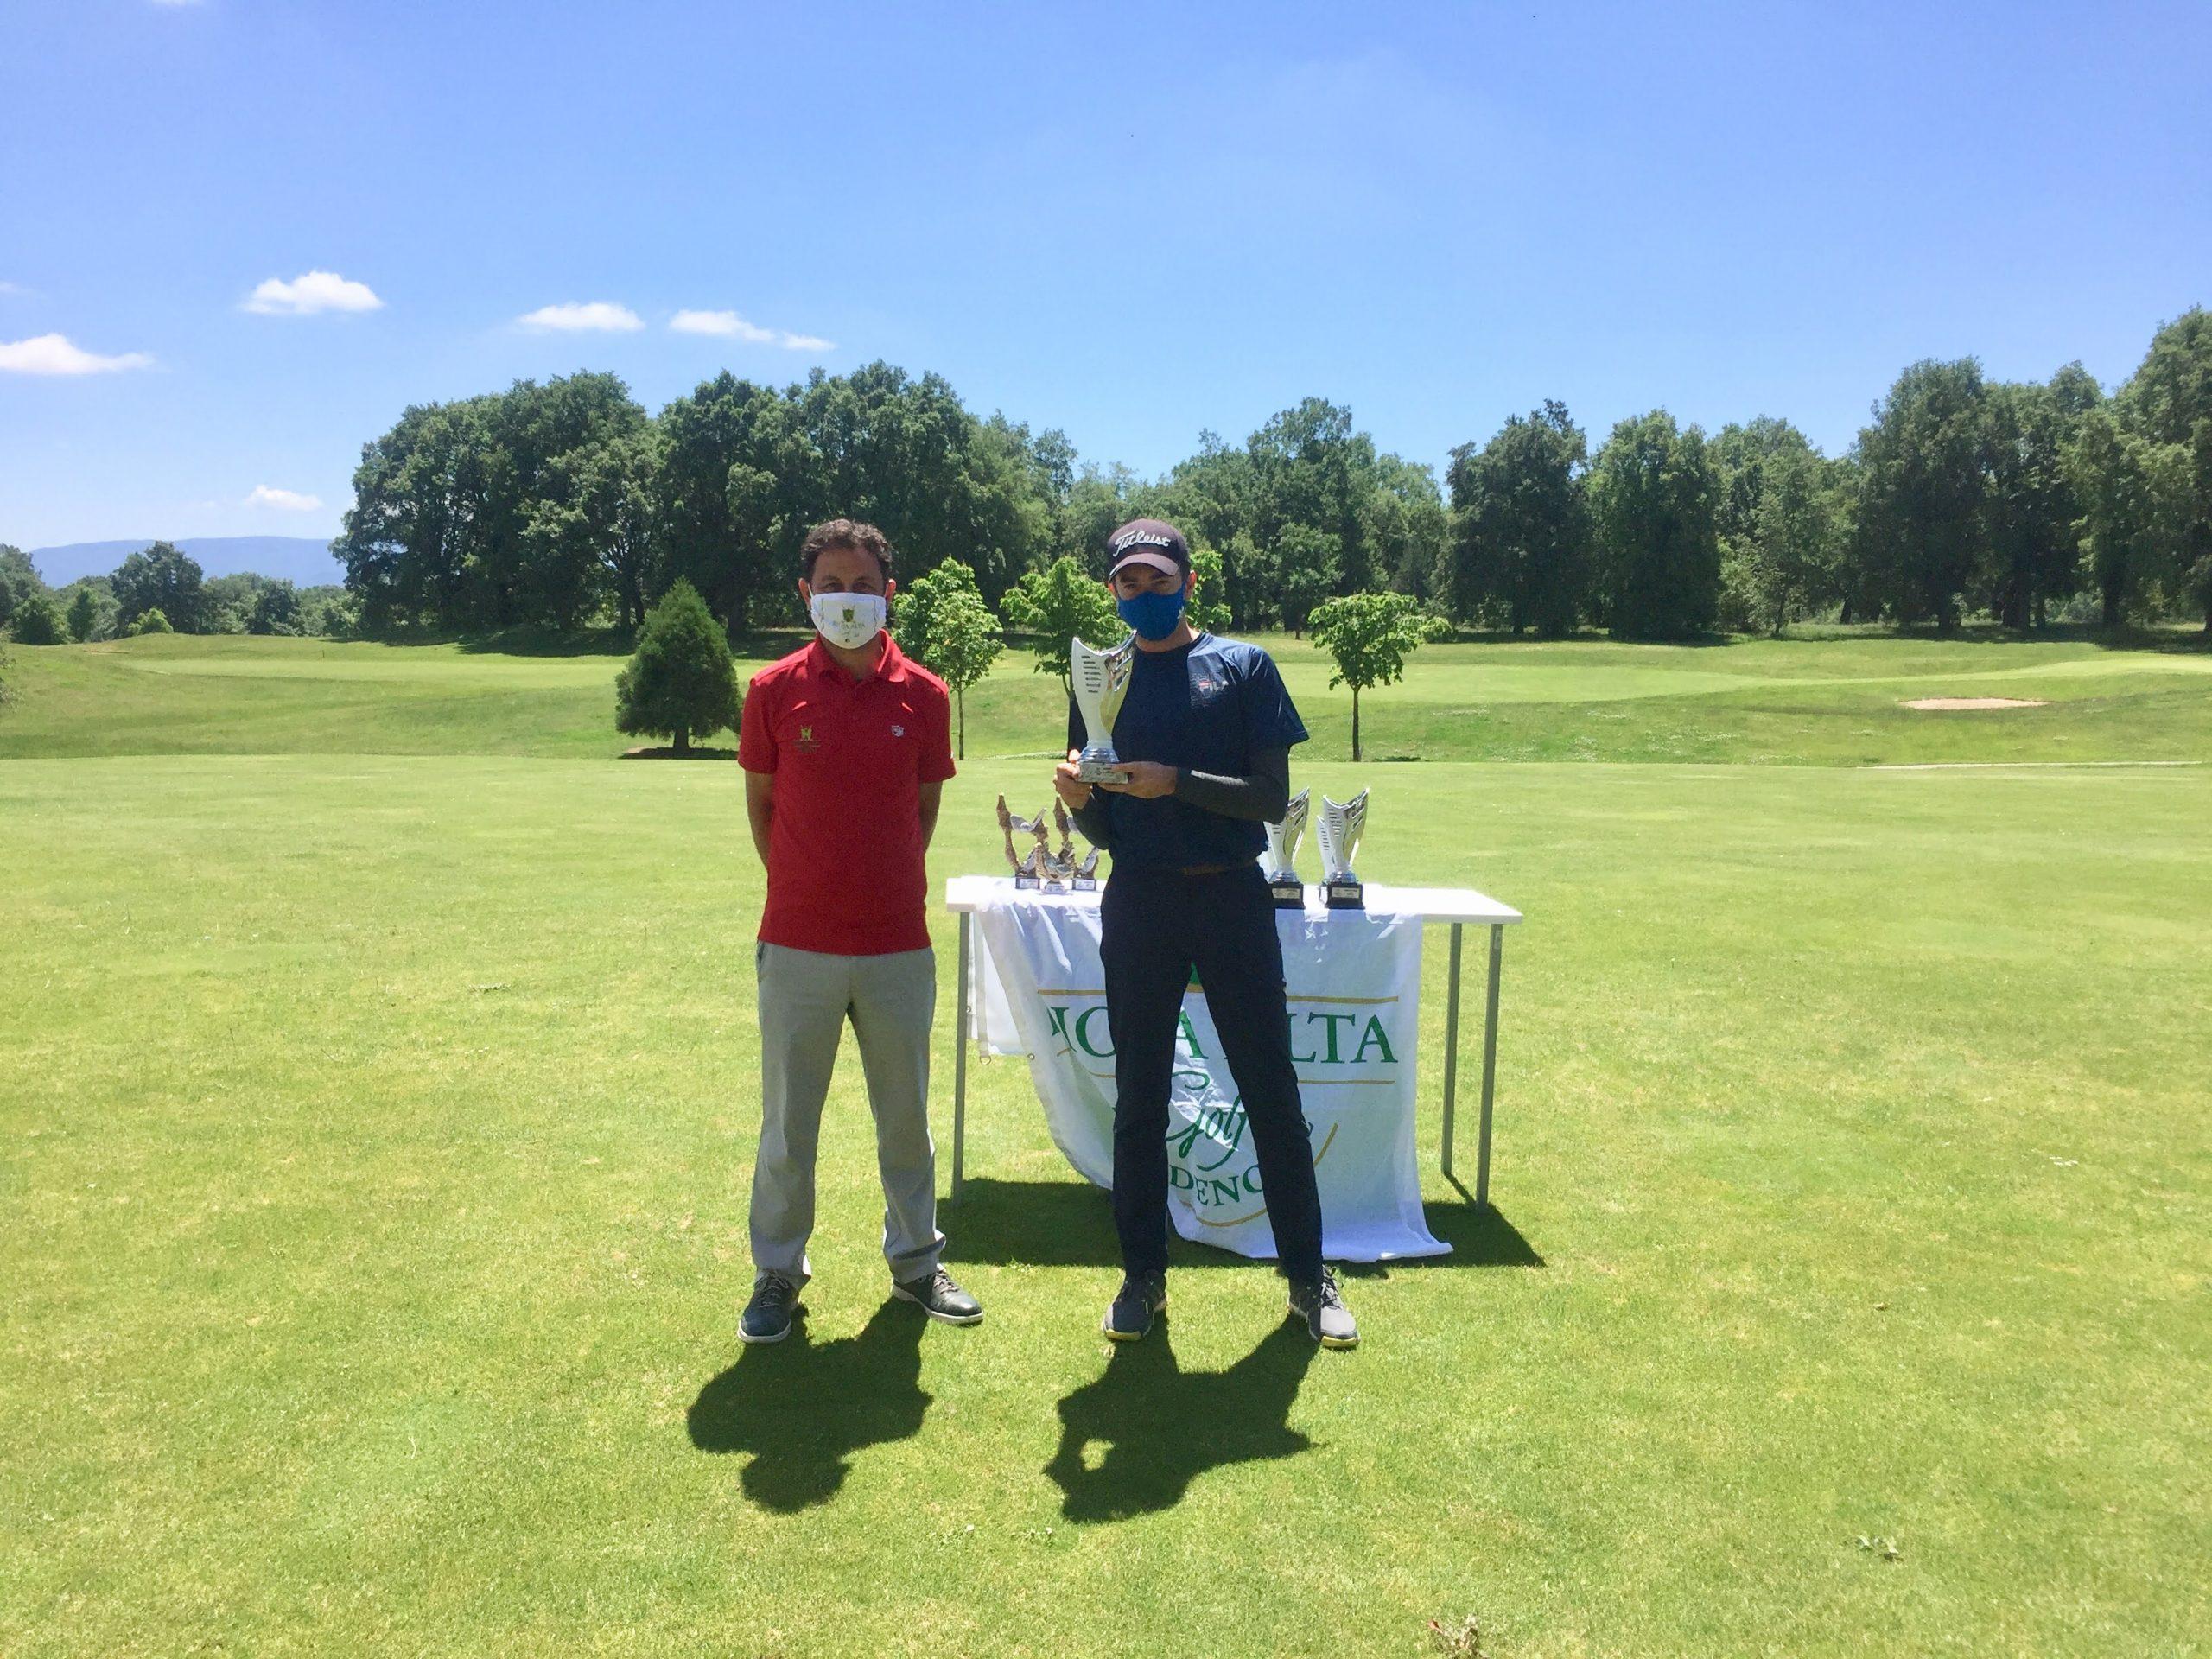 Cto. Rioja Alta Golf Club 5ª Categoría 2021